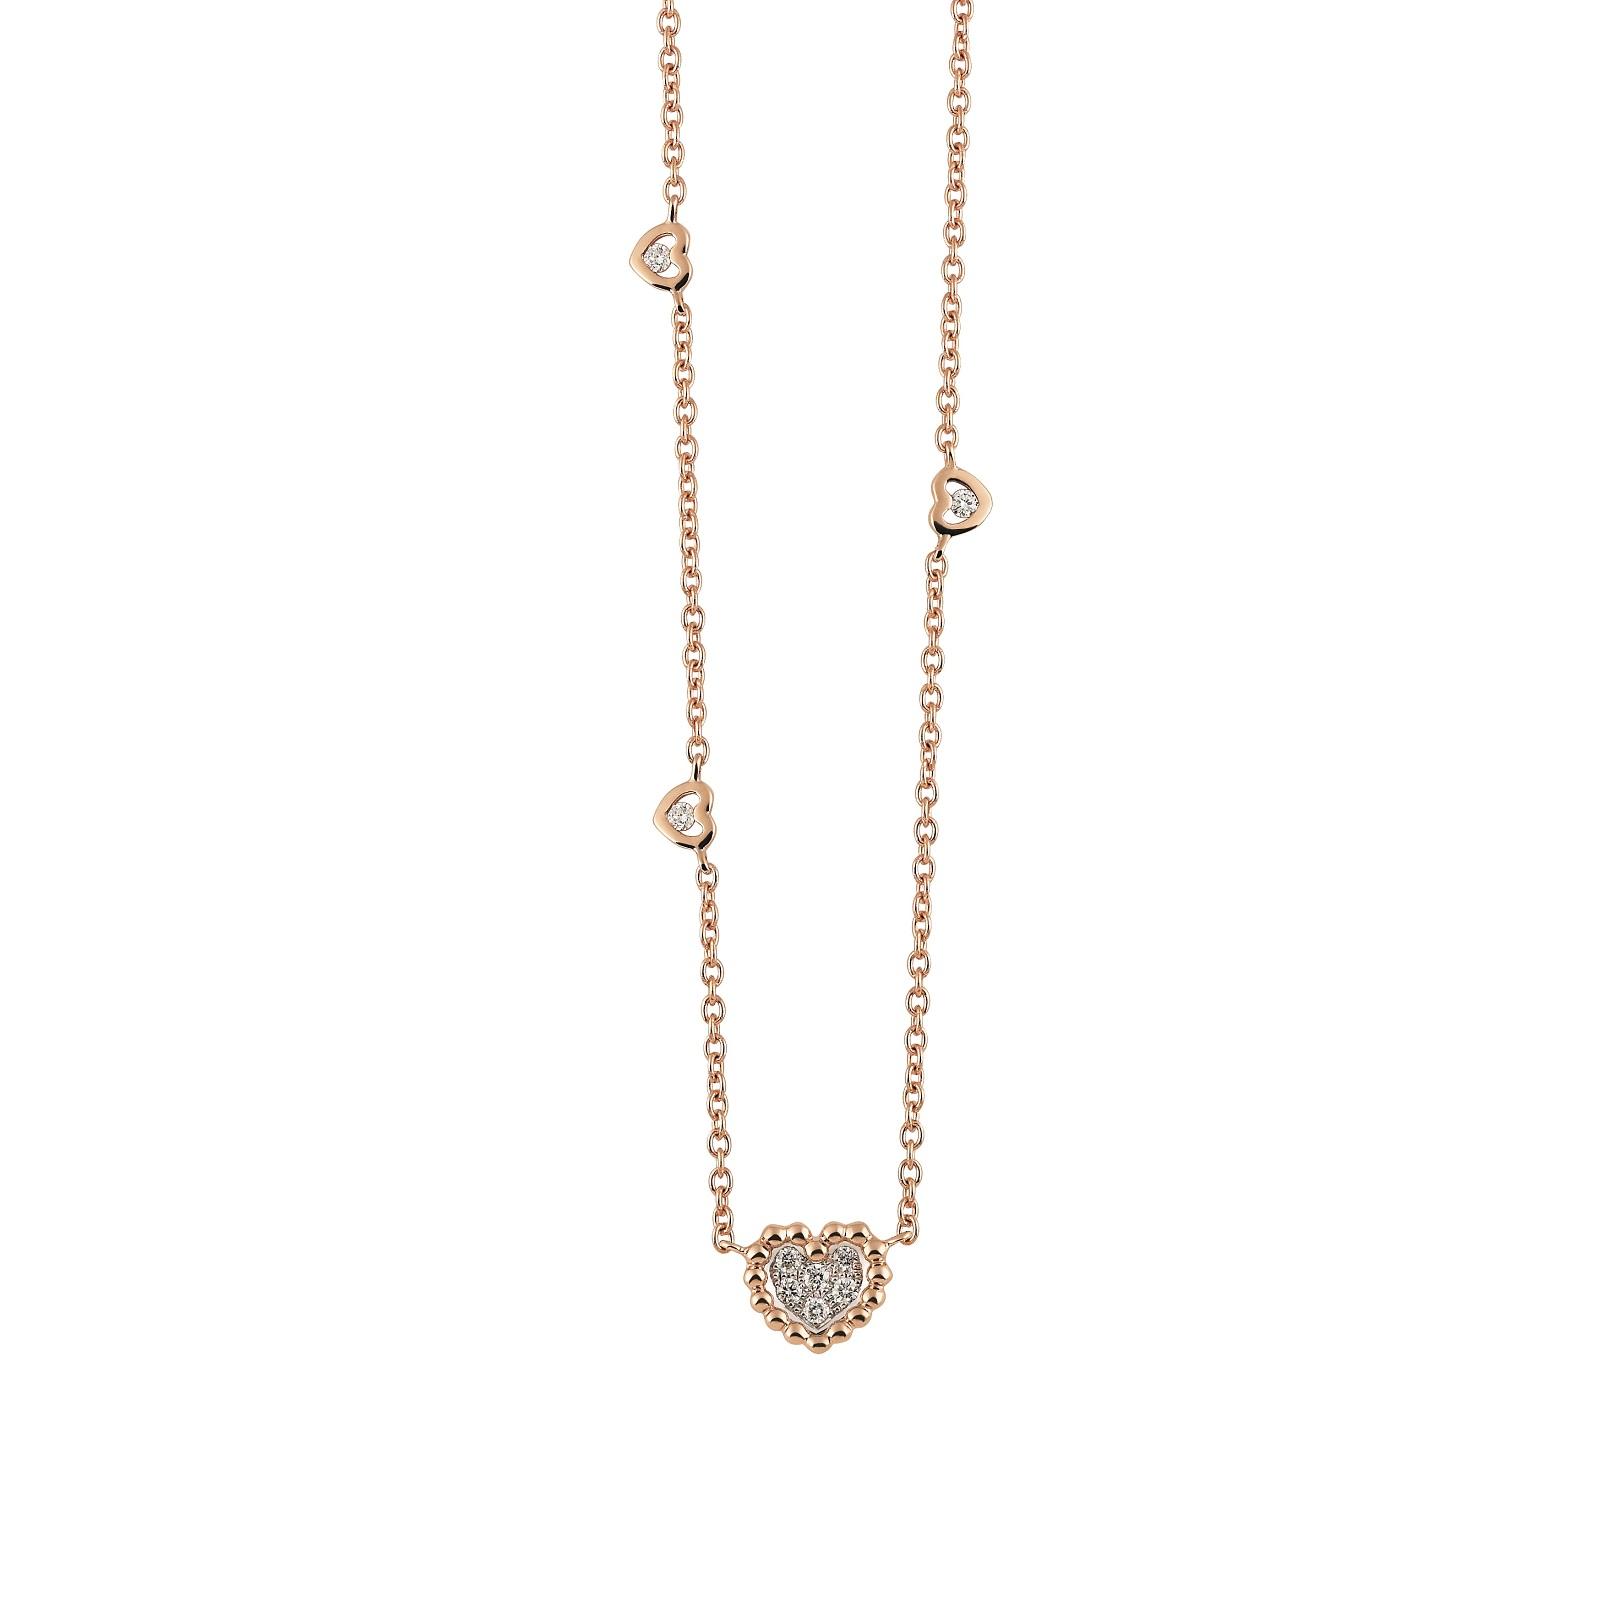 Collier Palladio aus Roségold mit Diamanten